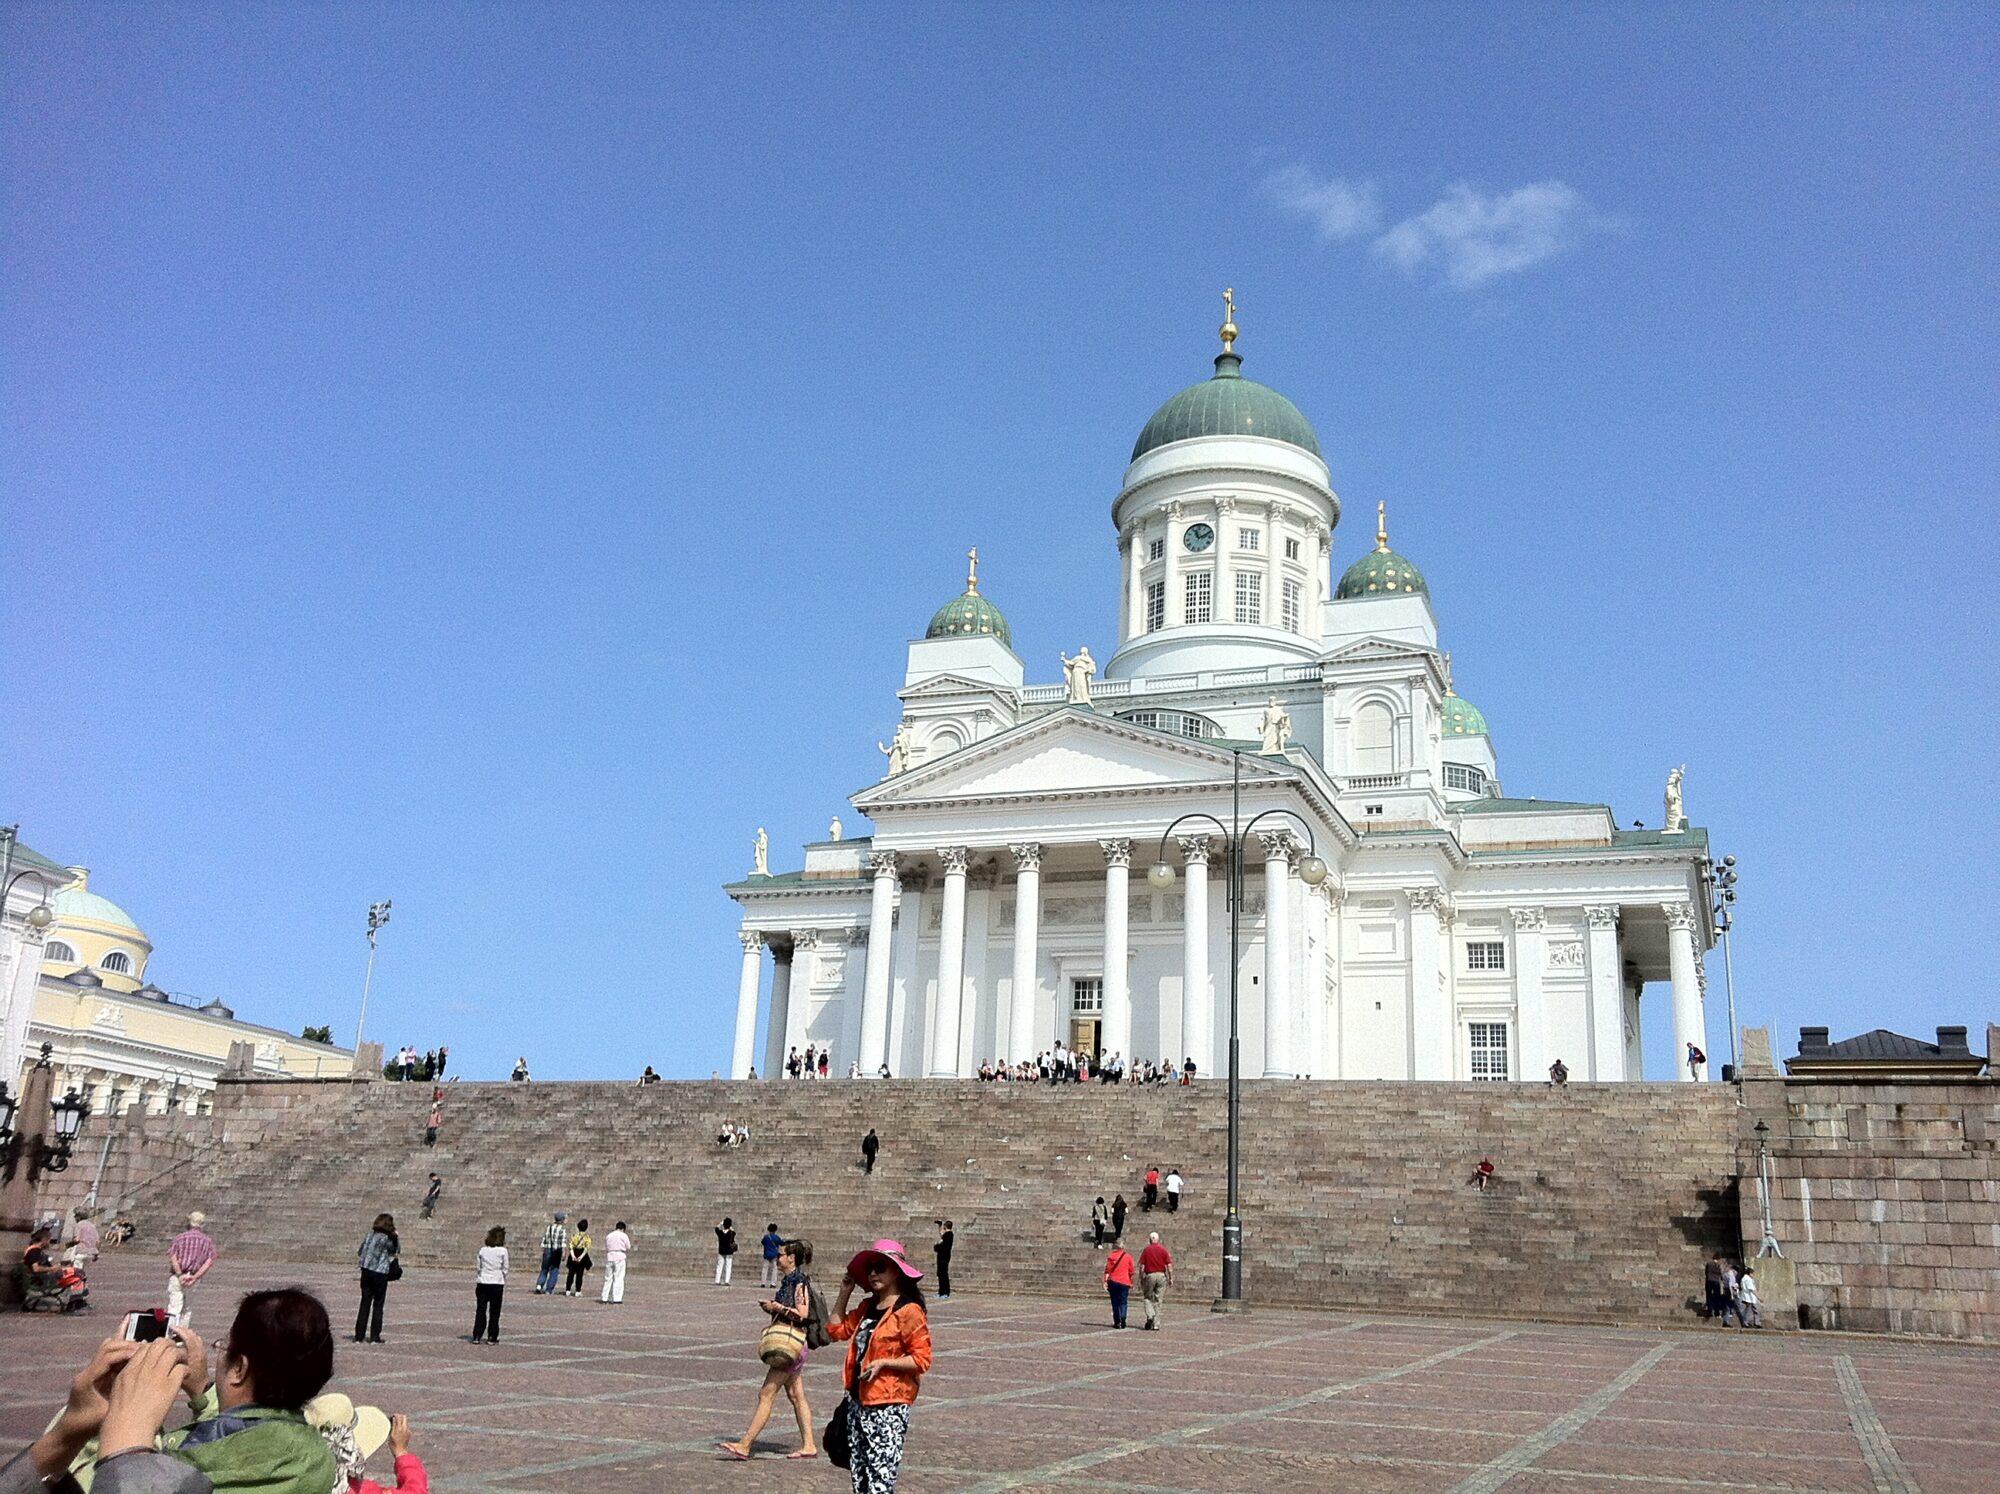 不一樣的芬蘭將不對歐盟及全球旅客開放邊境直到夏末